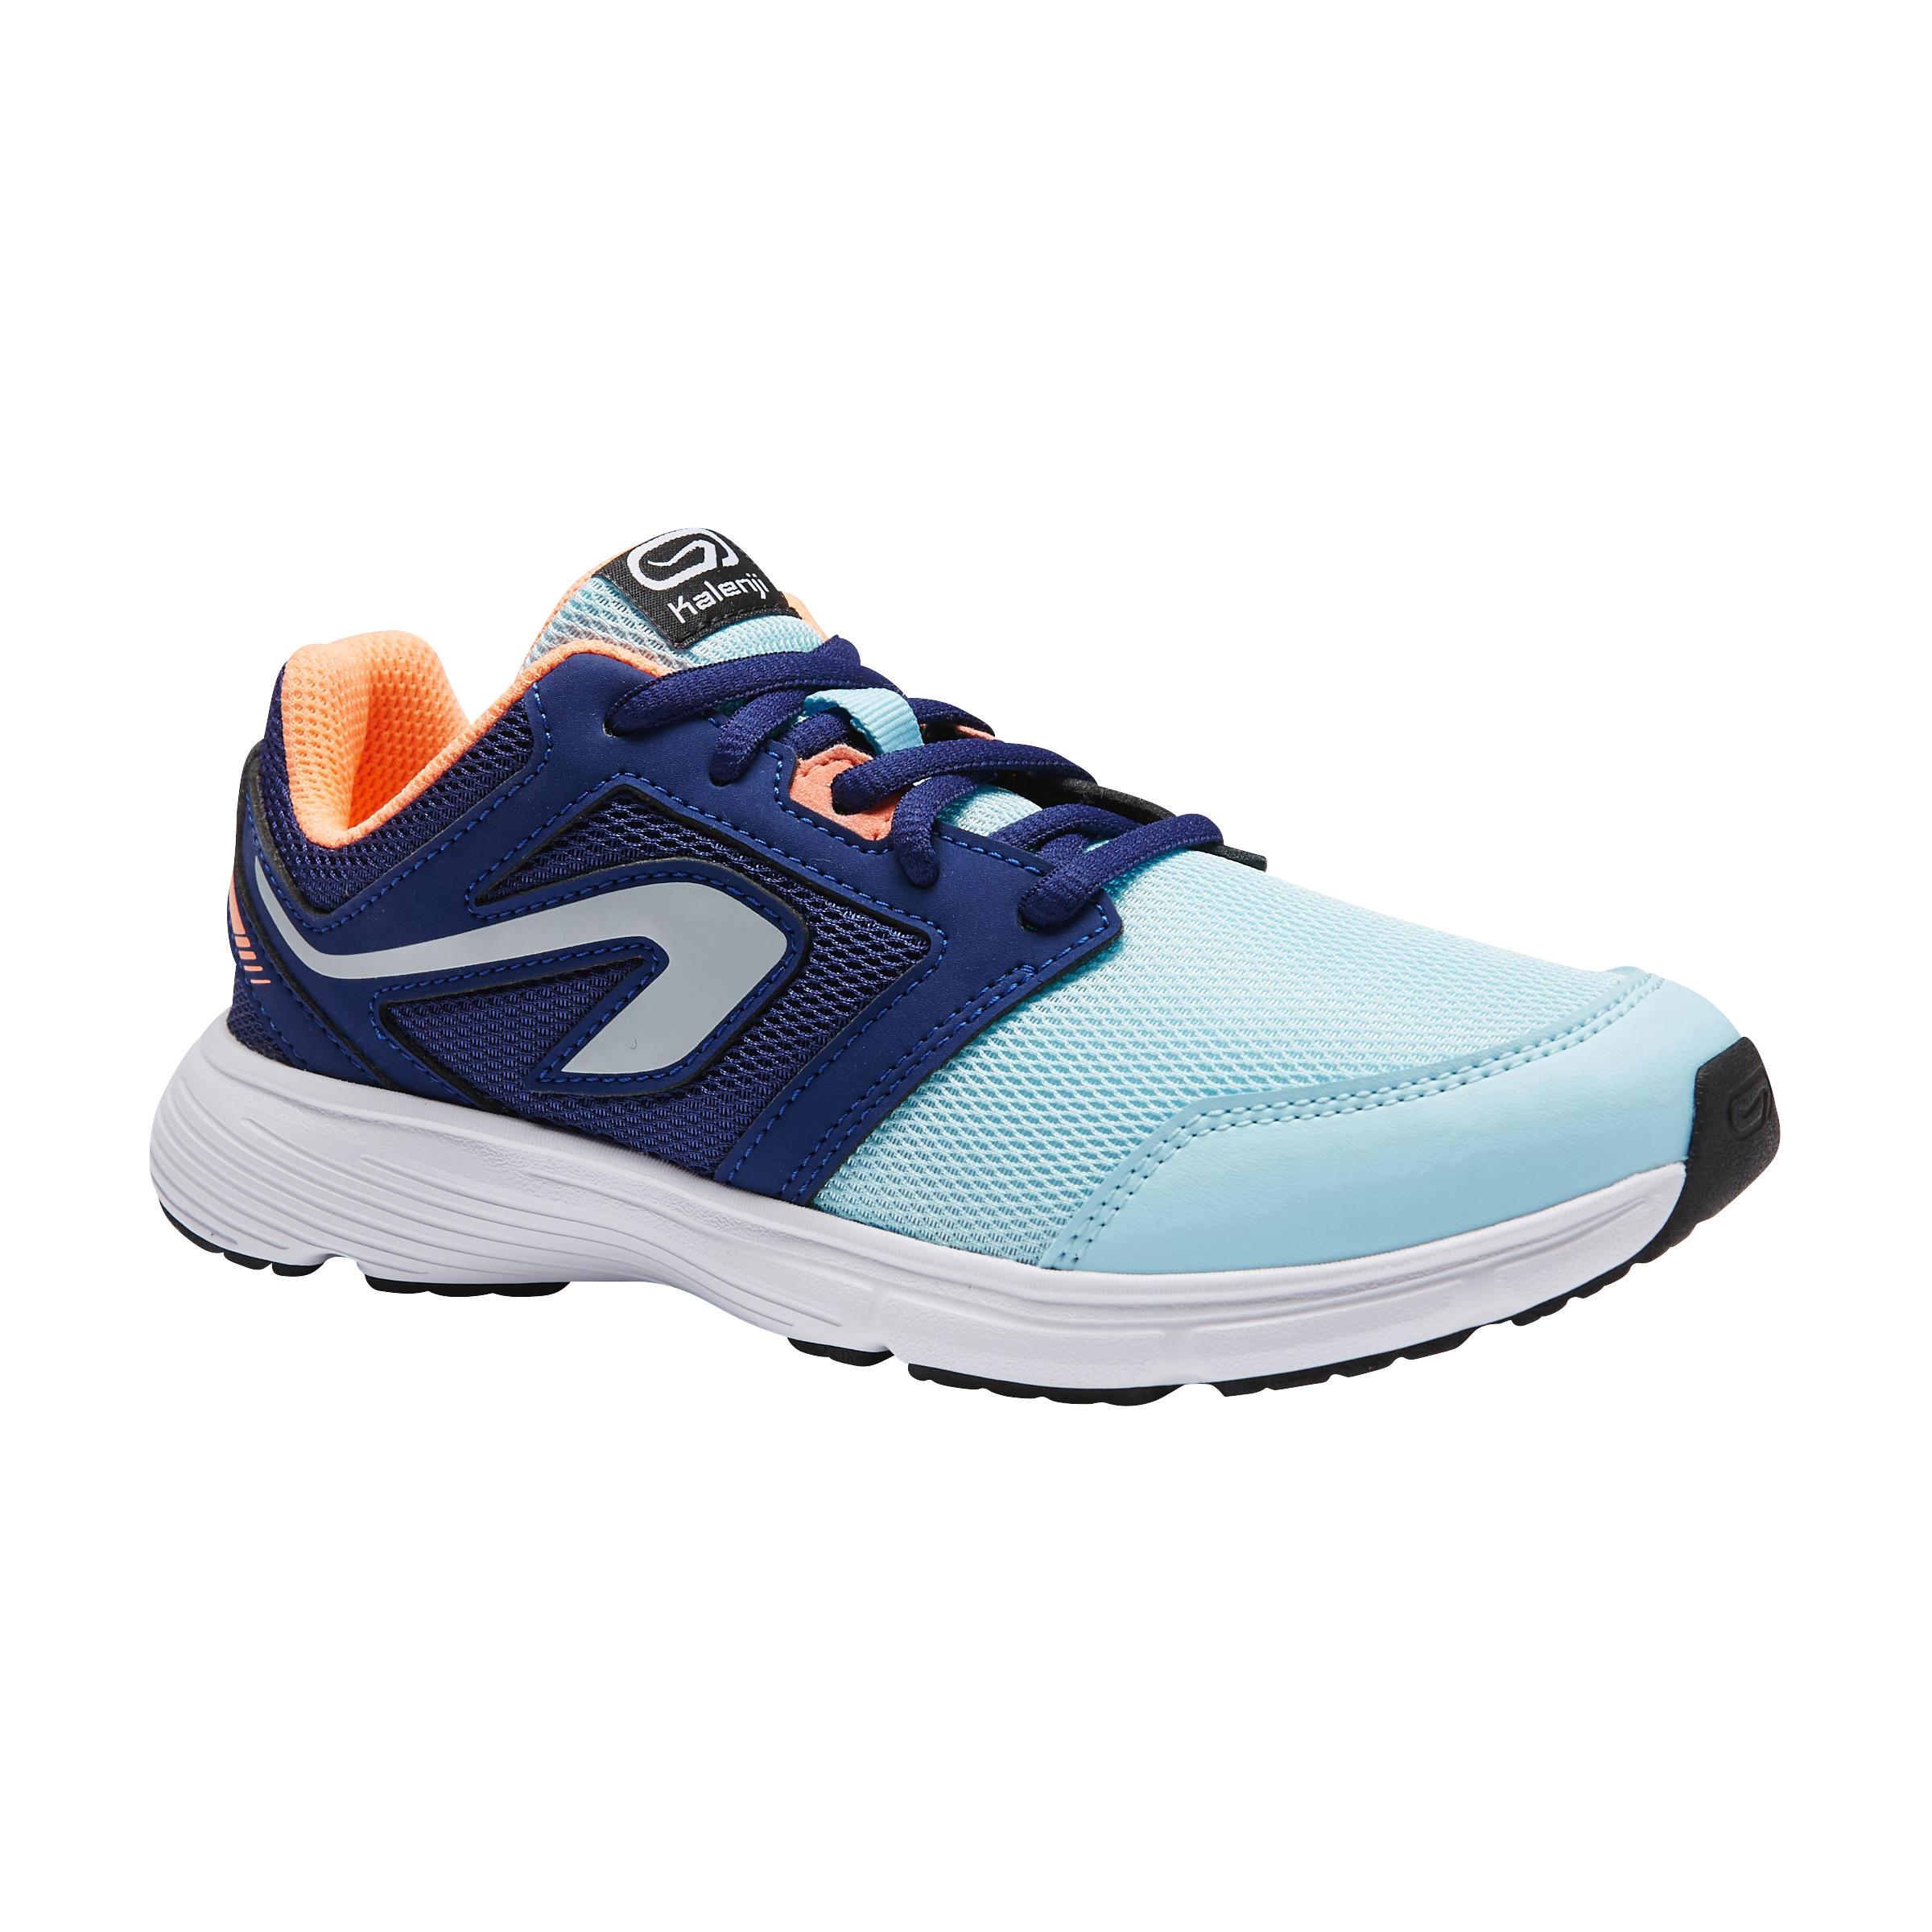 Kalenji Atletiekschoenen voor kinderen Run Support veters blauw/koraalrood